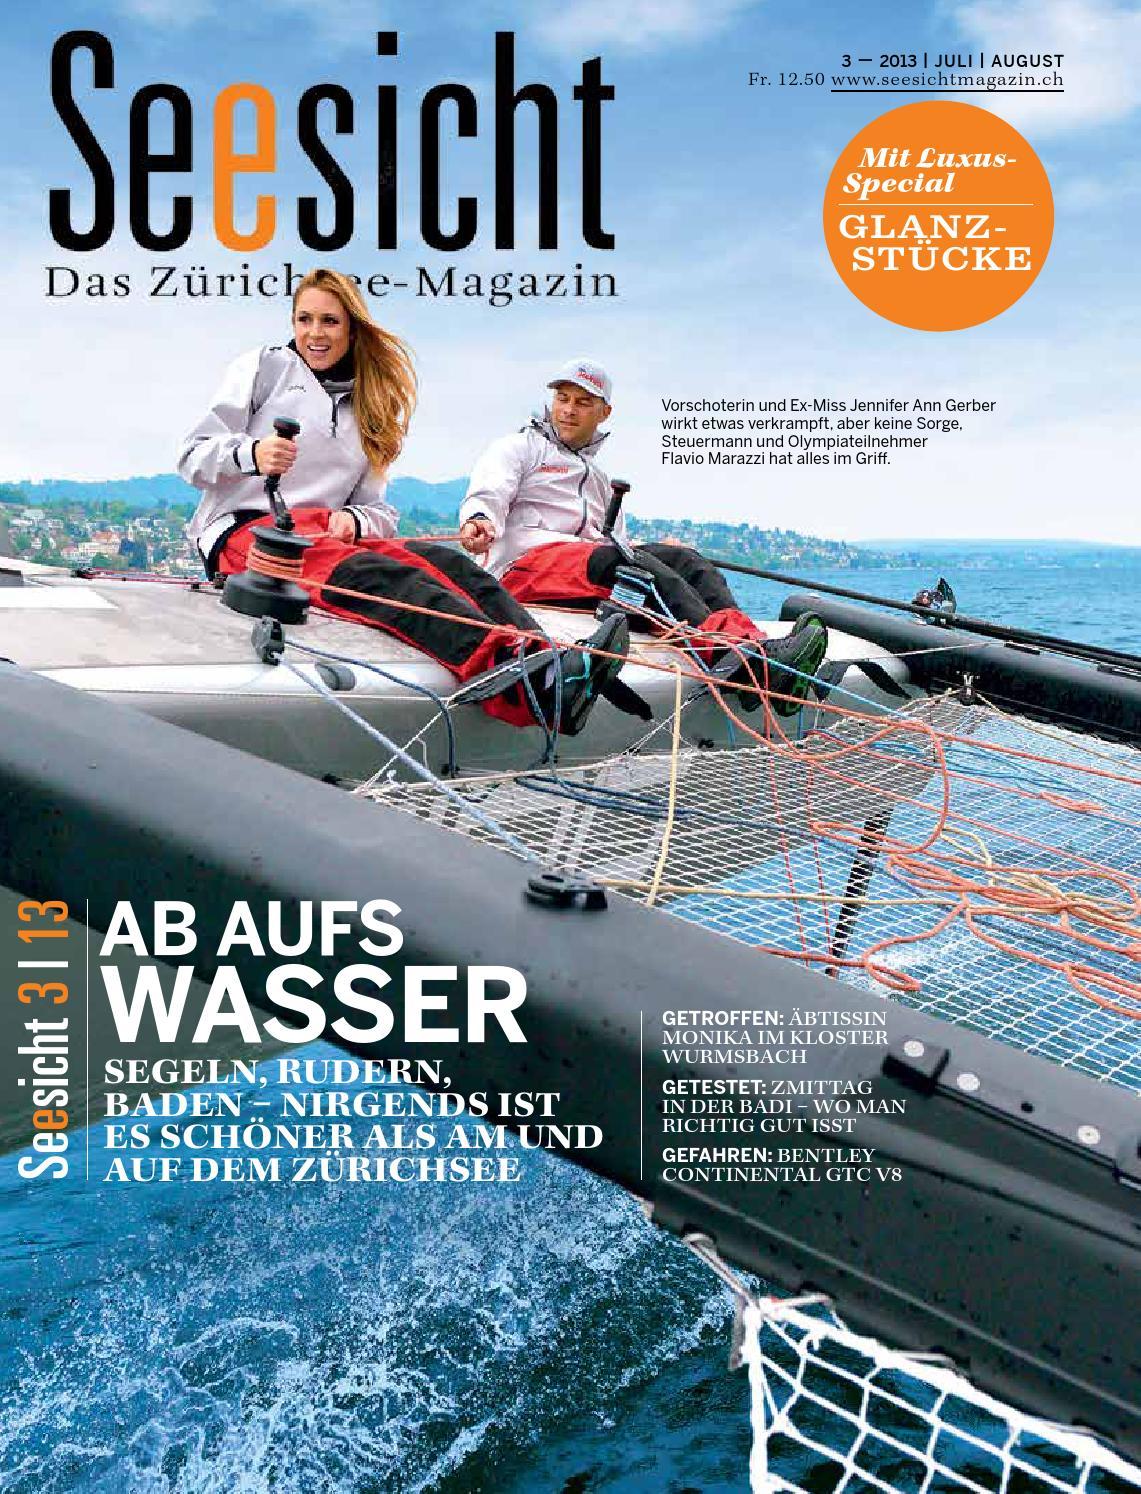 Seesicht 3 2013 By Seesicht Media Ag Issuu